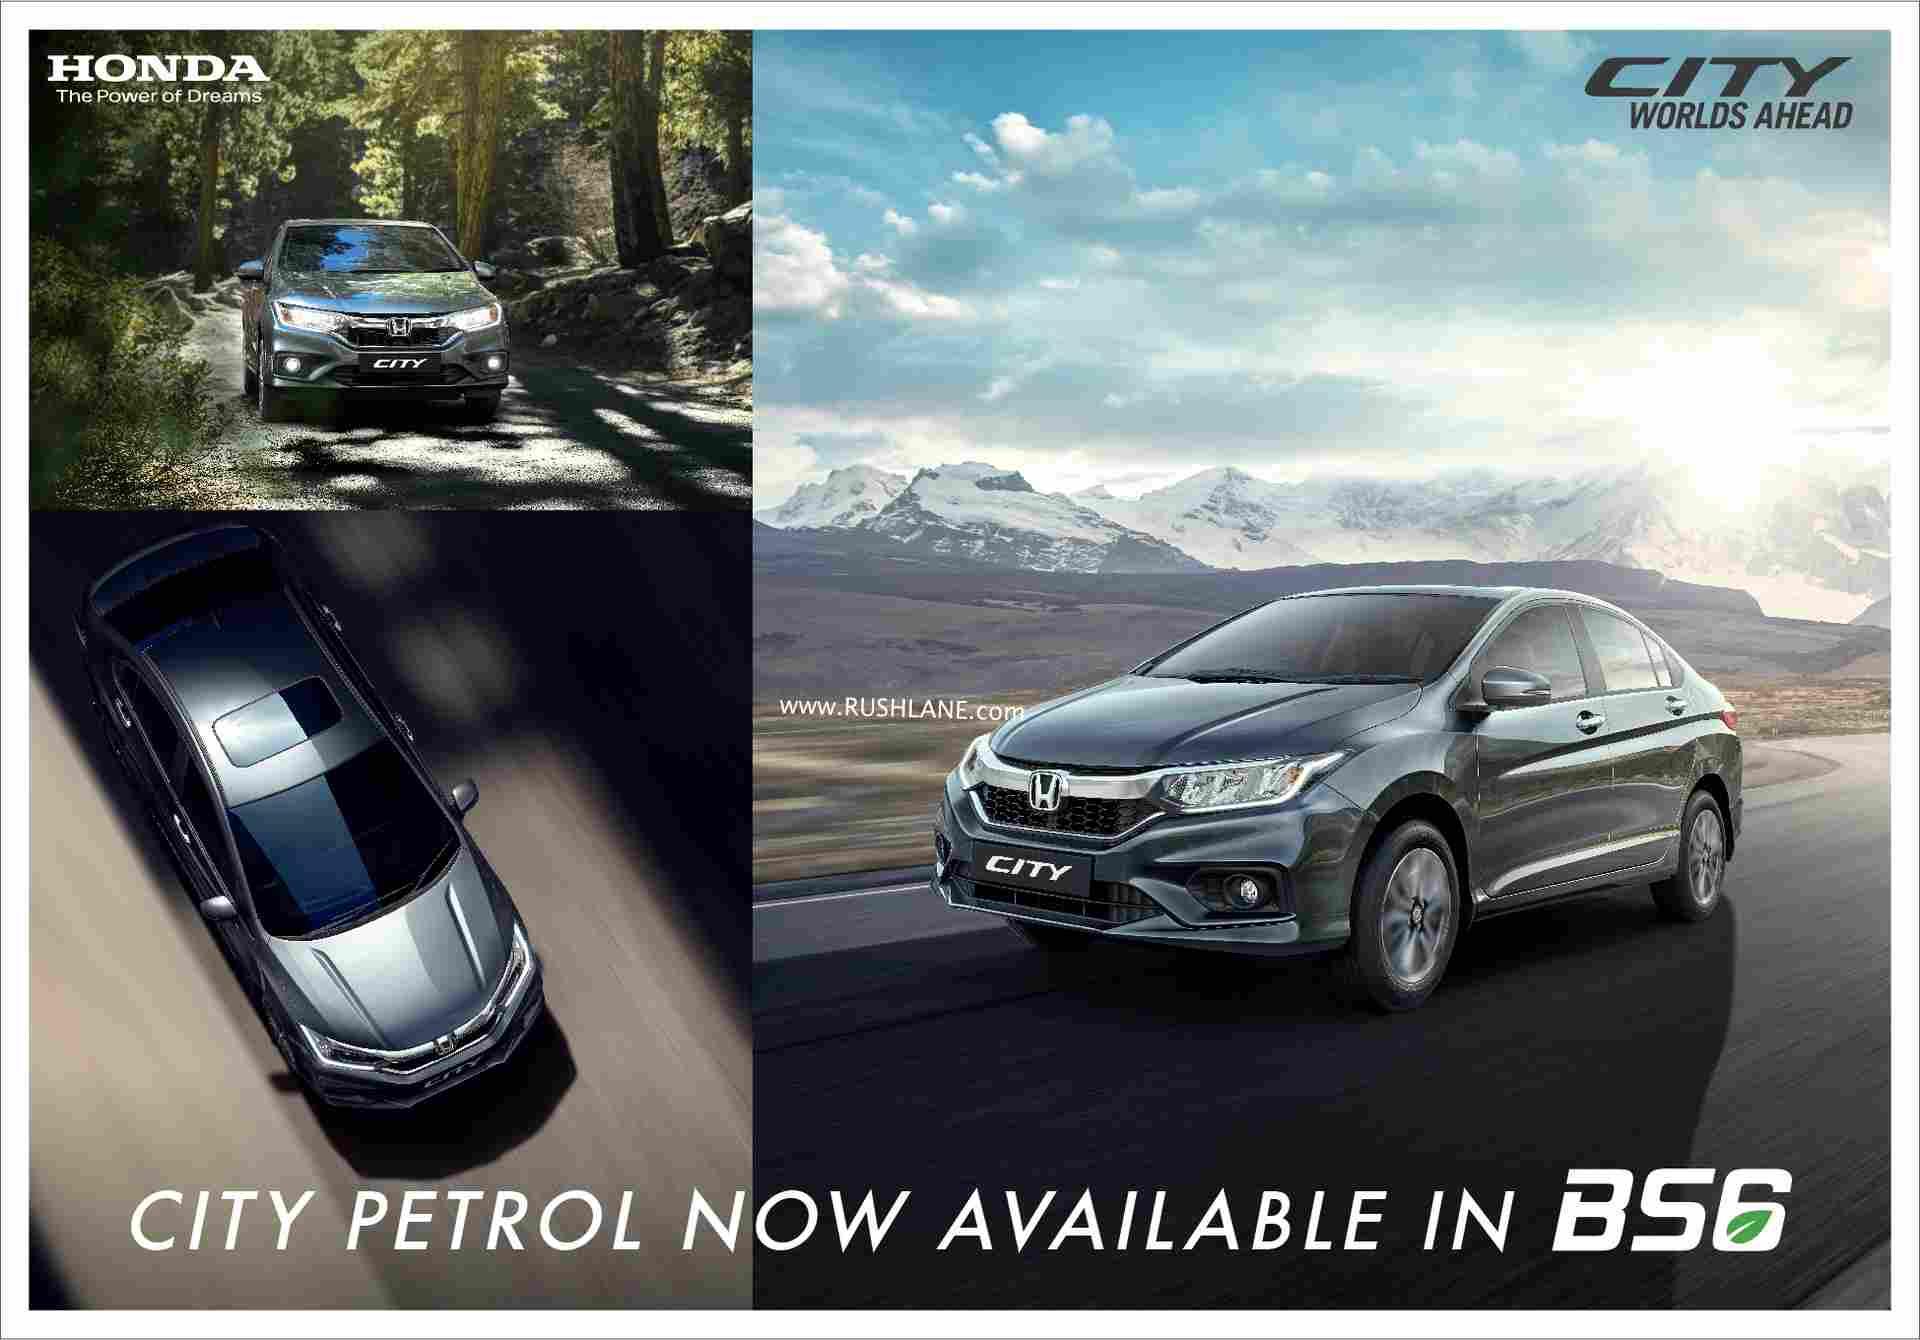 honda City BS6 petrol